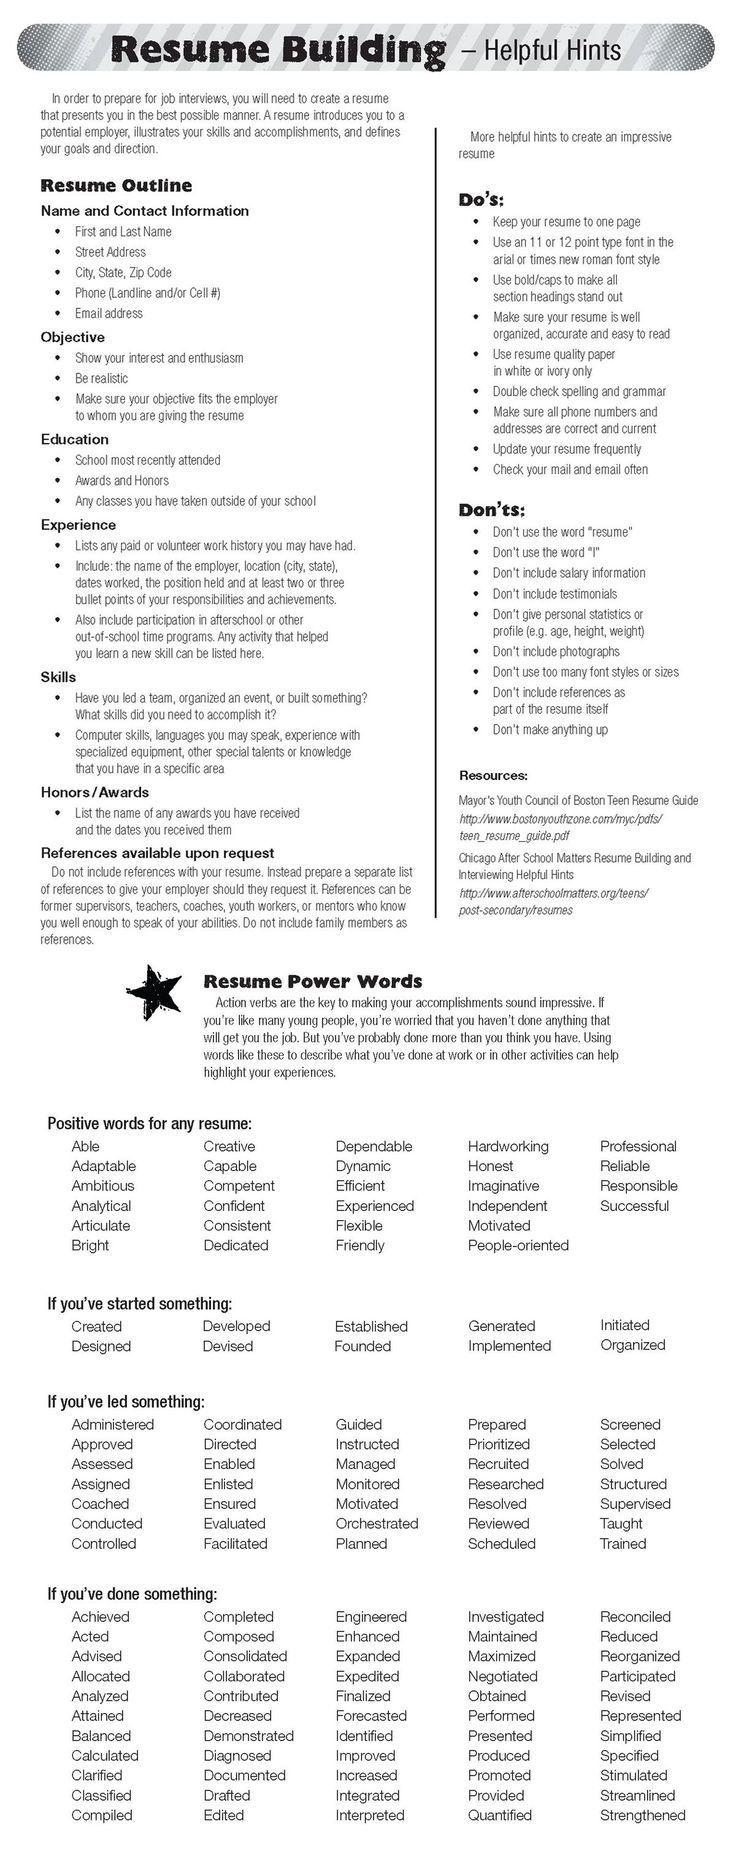 resume building words Job resume, Job interview tips